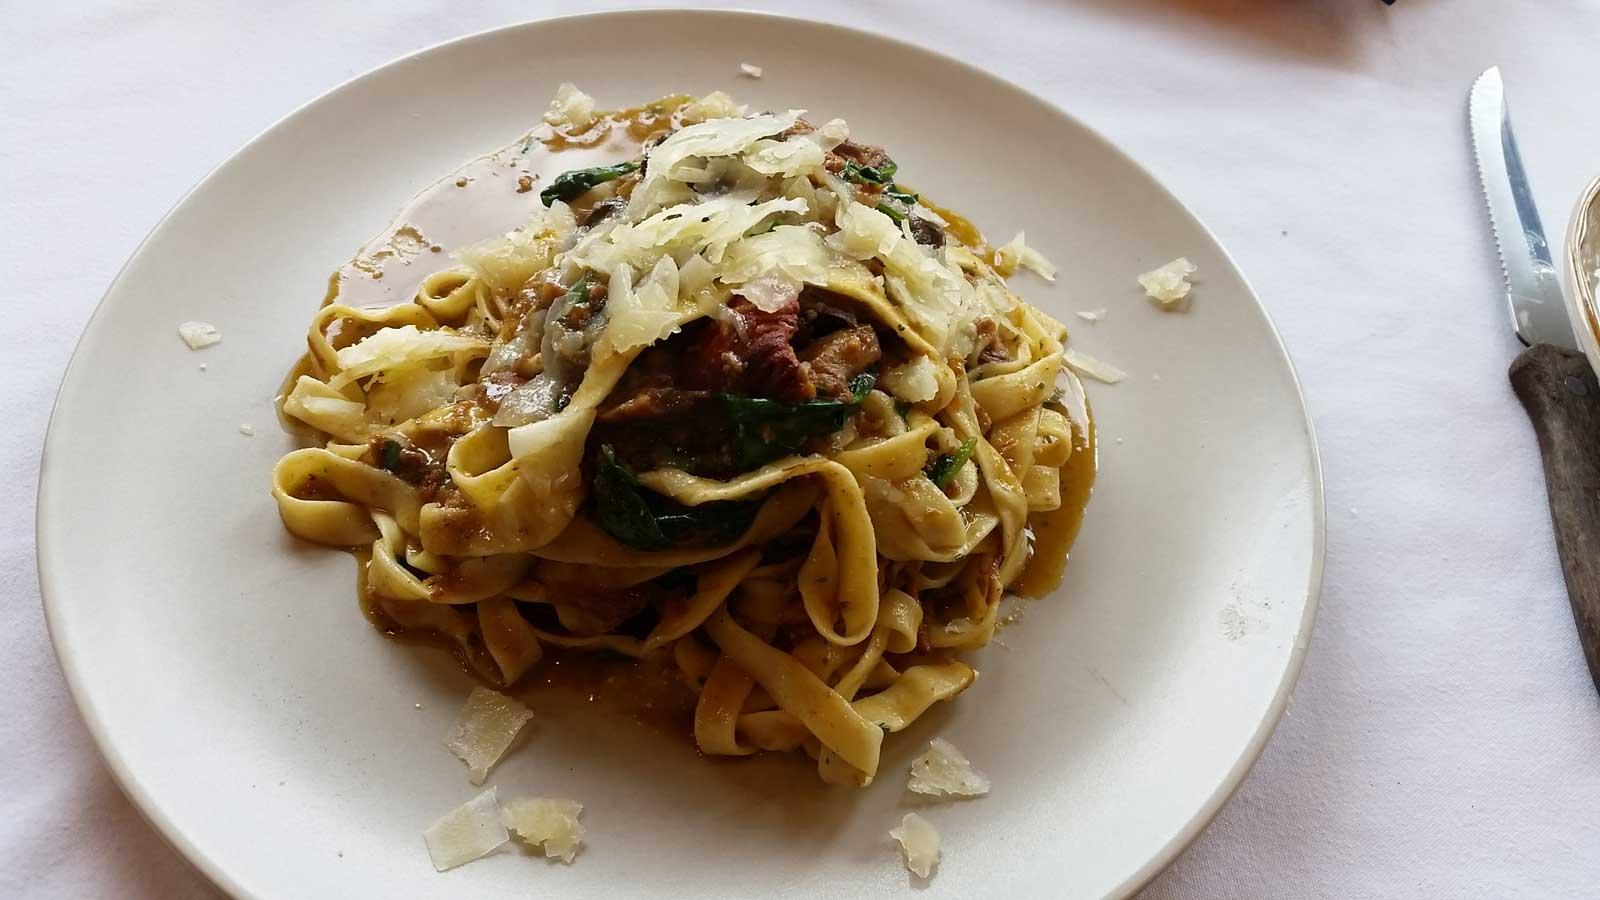 Pork & Mushroom Pasta